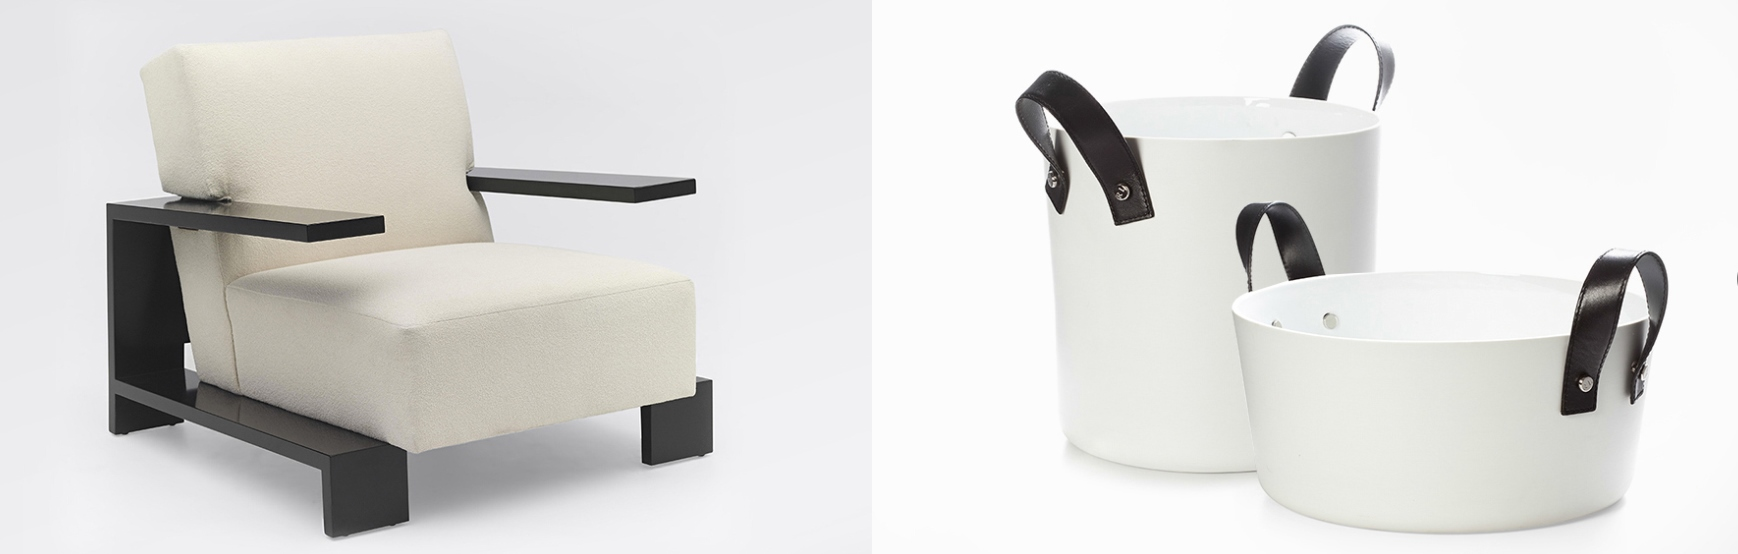 Ralph Lauren Home представил новую коллекцию предметов для интерьера